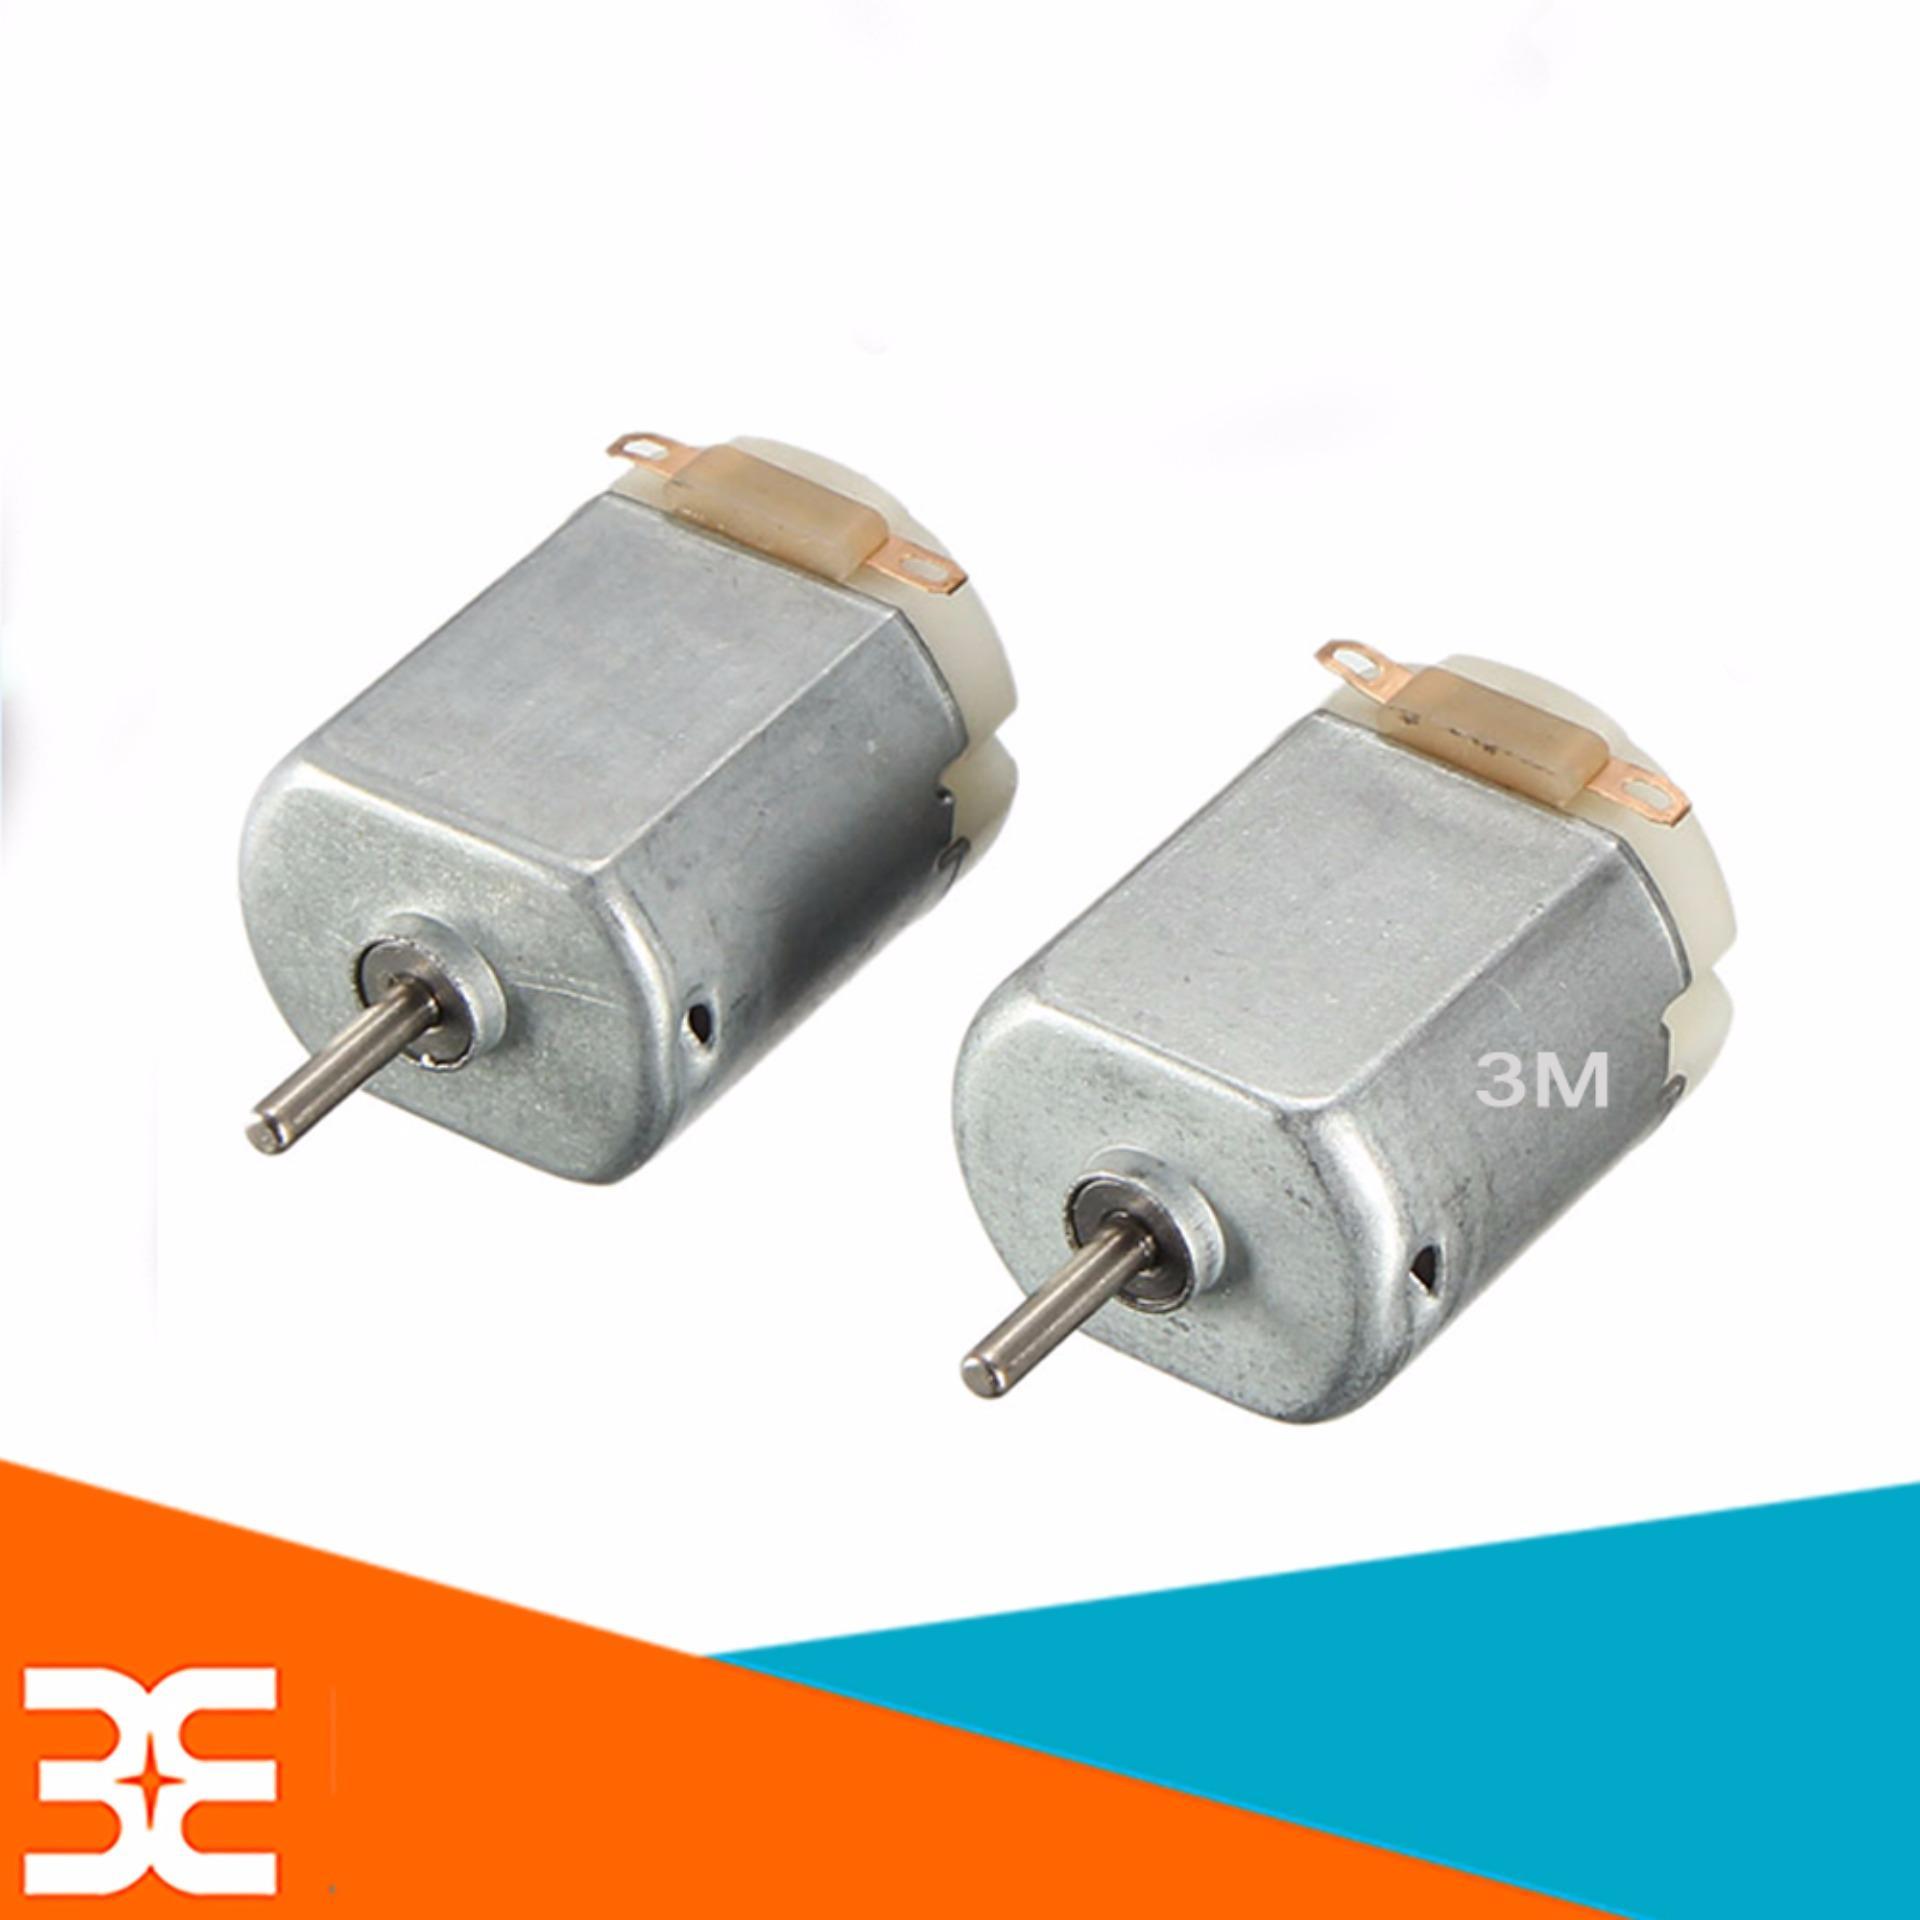 Bộ 2 Động Cơ Mini V1 3-9VDC ( Loại Vuông ), Chế xe mô hình, làm quạt cực Tít